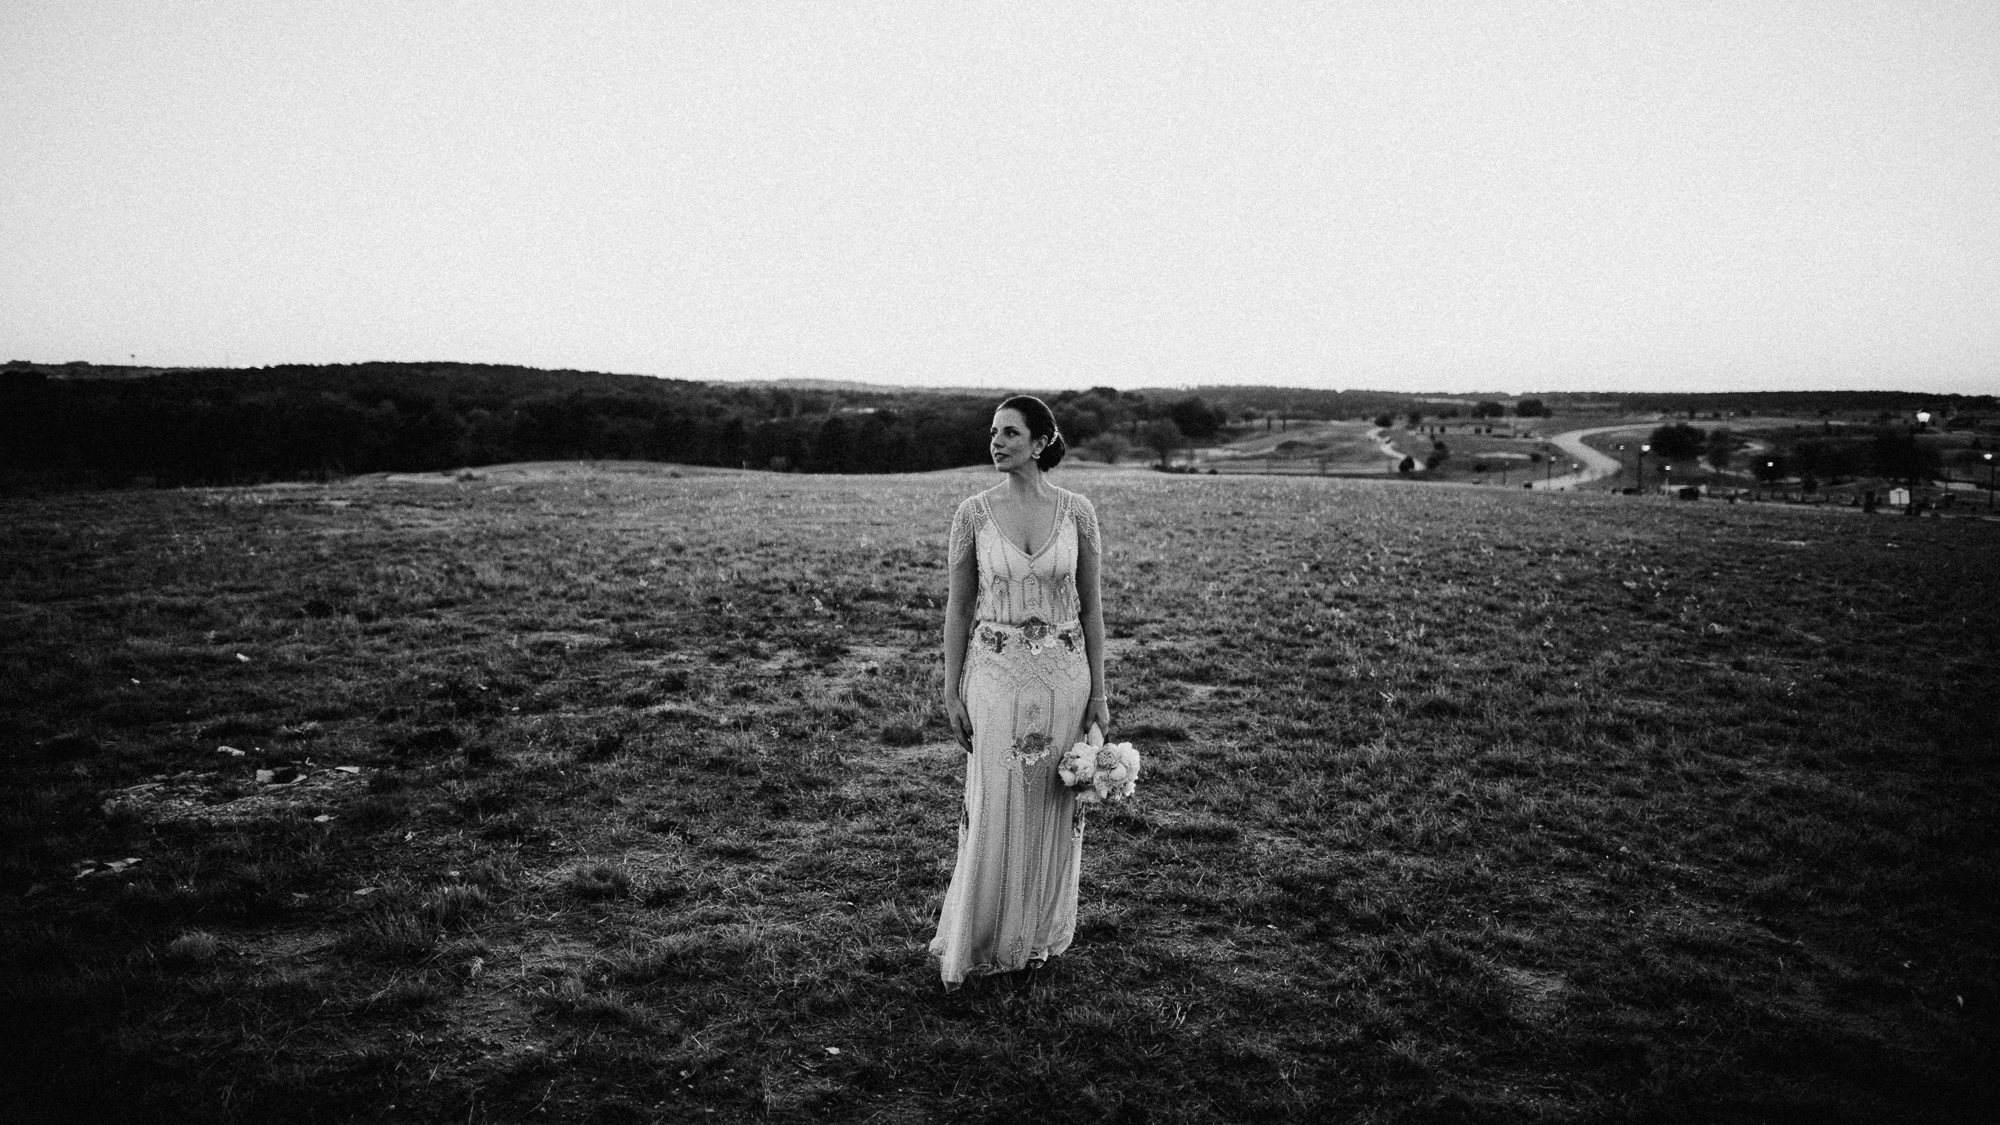 gian-carlo-photography-weddings-16.jpg